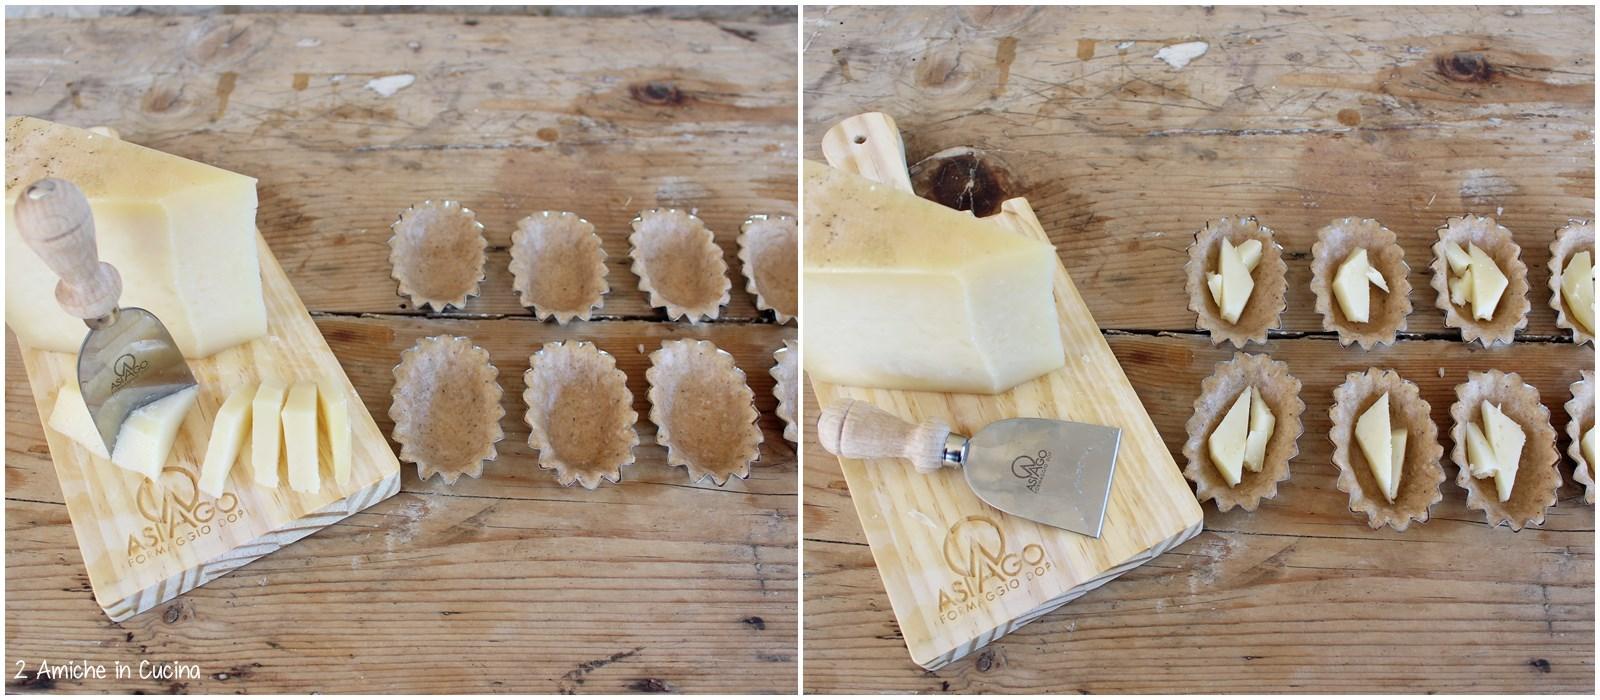 Tartellette di farro con Asiago DOP e gelatina di Sagrantino di Montefalco ai ribes passo passo